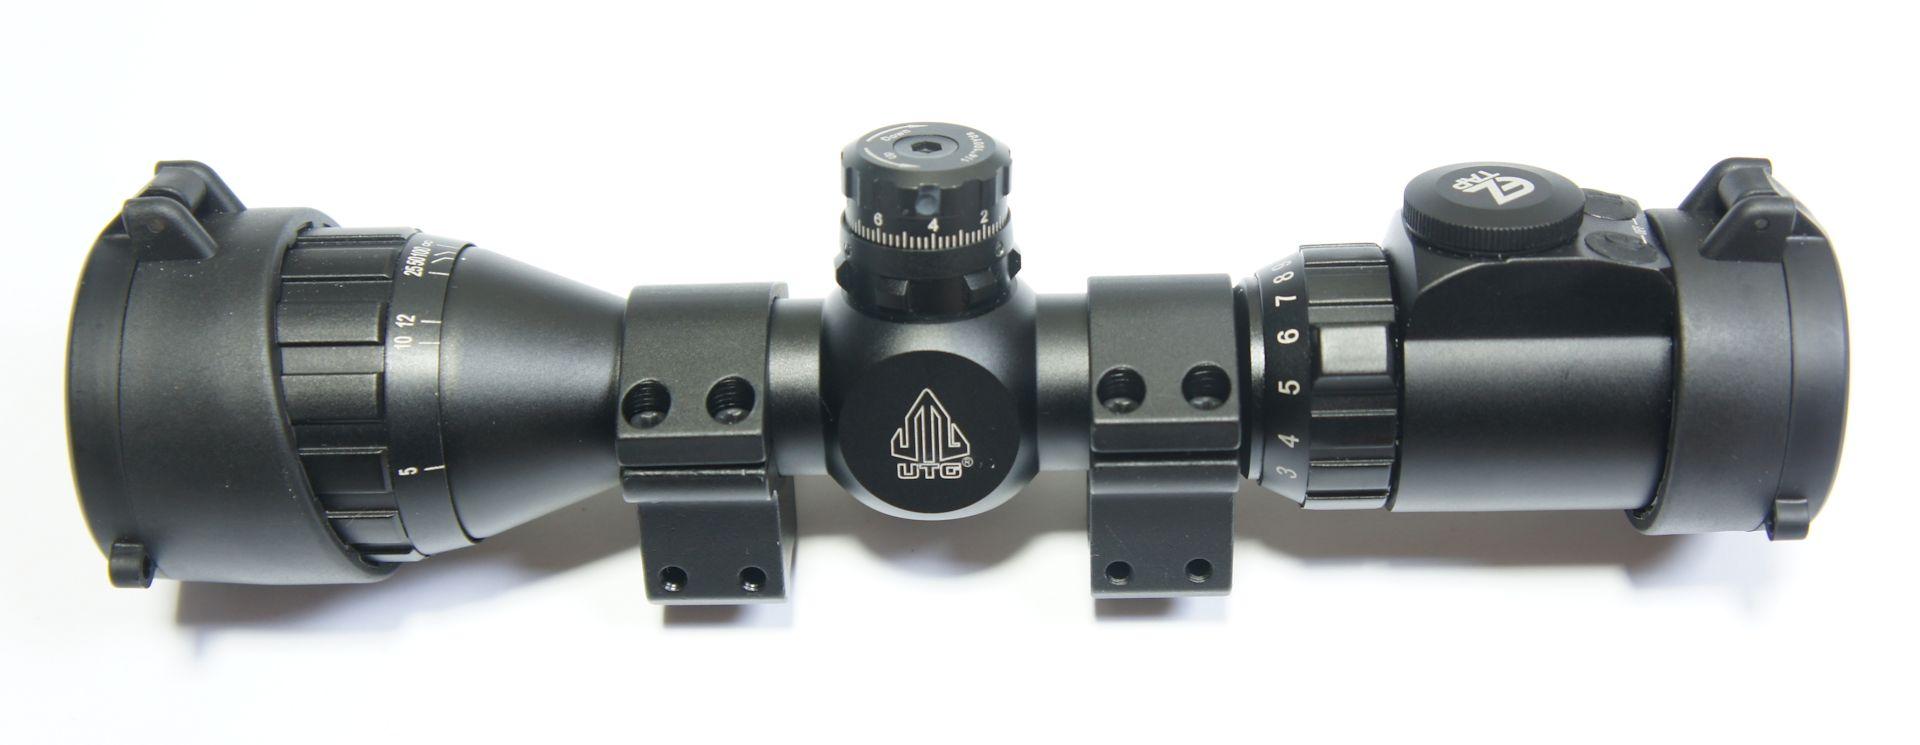 UTG compact 3-9x32 mit Montagefüßen 11mm